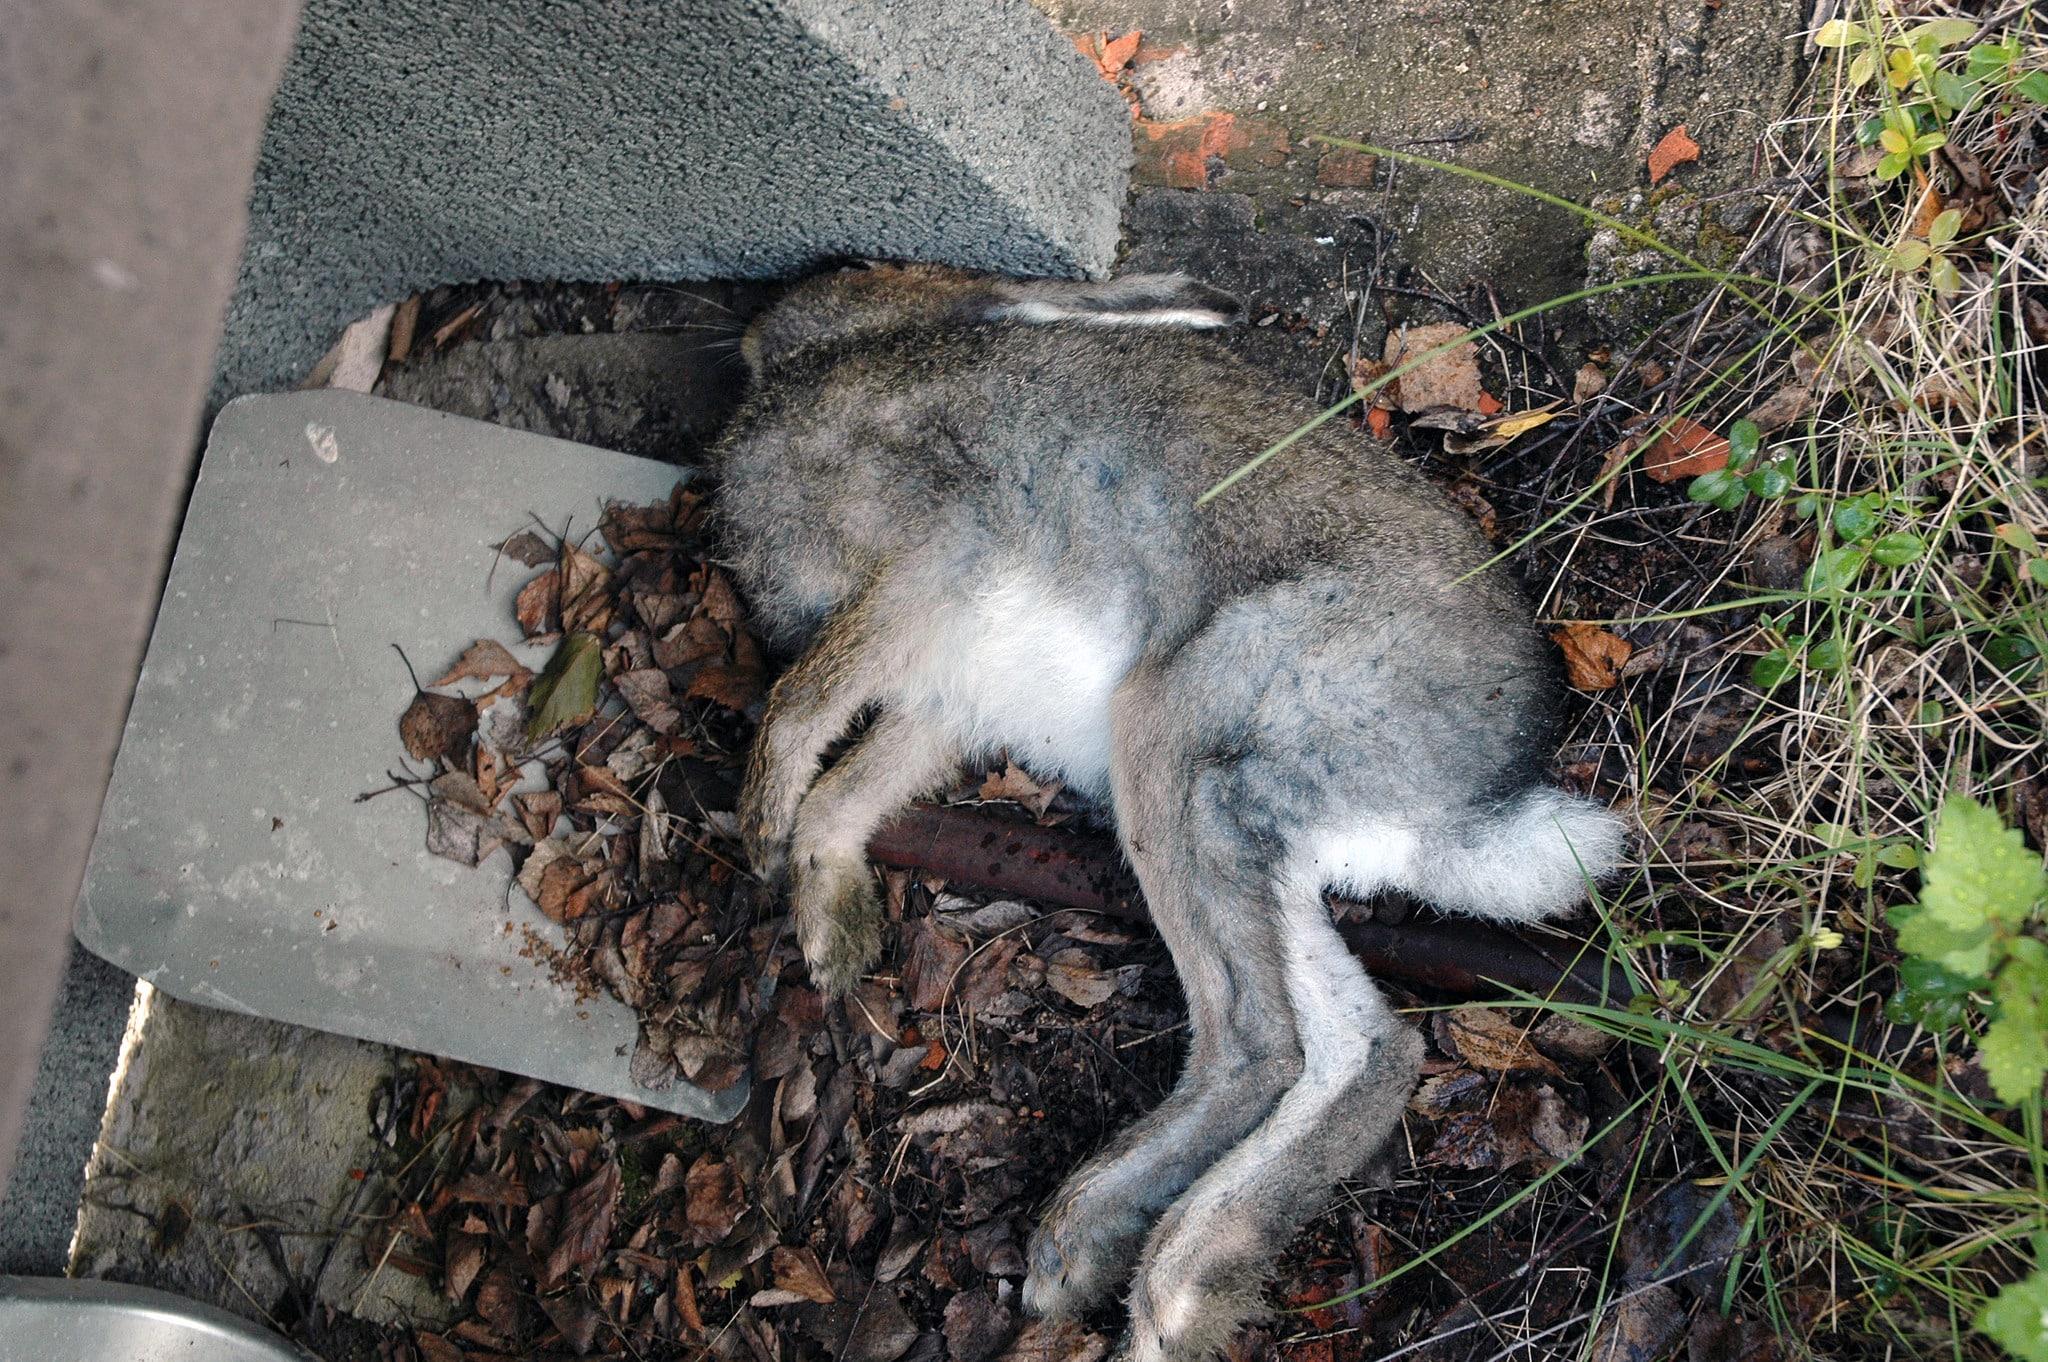 Den här skogsharen hittades död i en jägarens trädgård i Sören, Norrbottens kustland. Förmodligen är dödsorsaken tularemi. Haren har skickats till SVA för analys. Foto: Niklas Lundberg